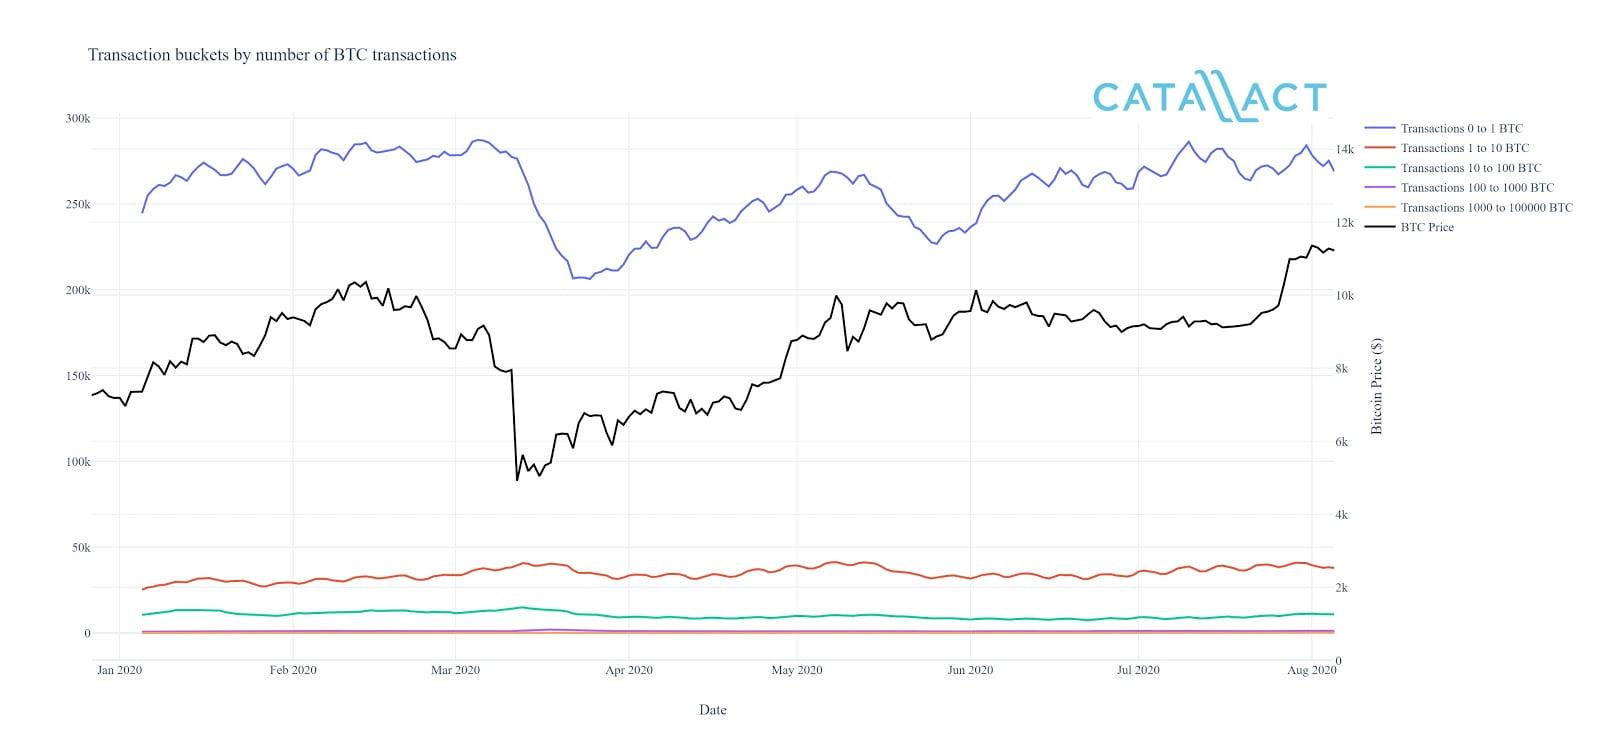 Okex Insights, Bitcoin, Catallact